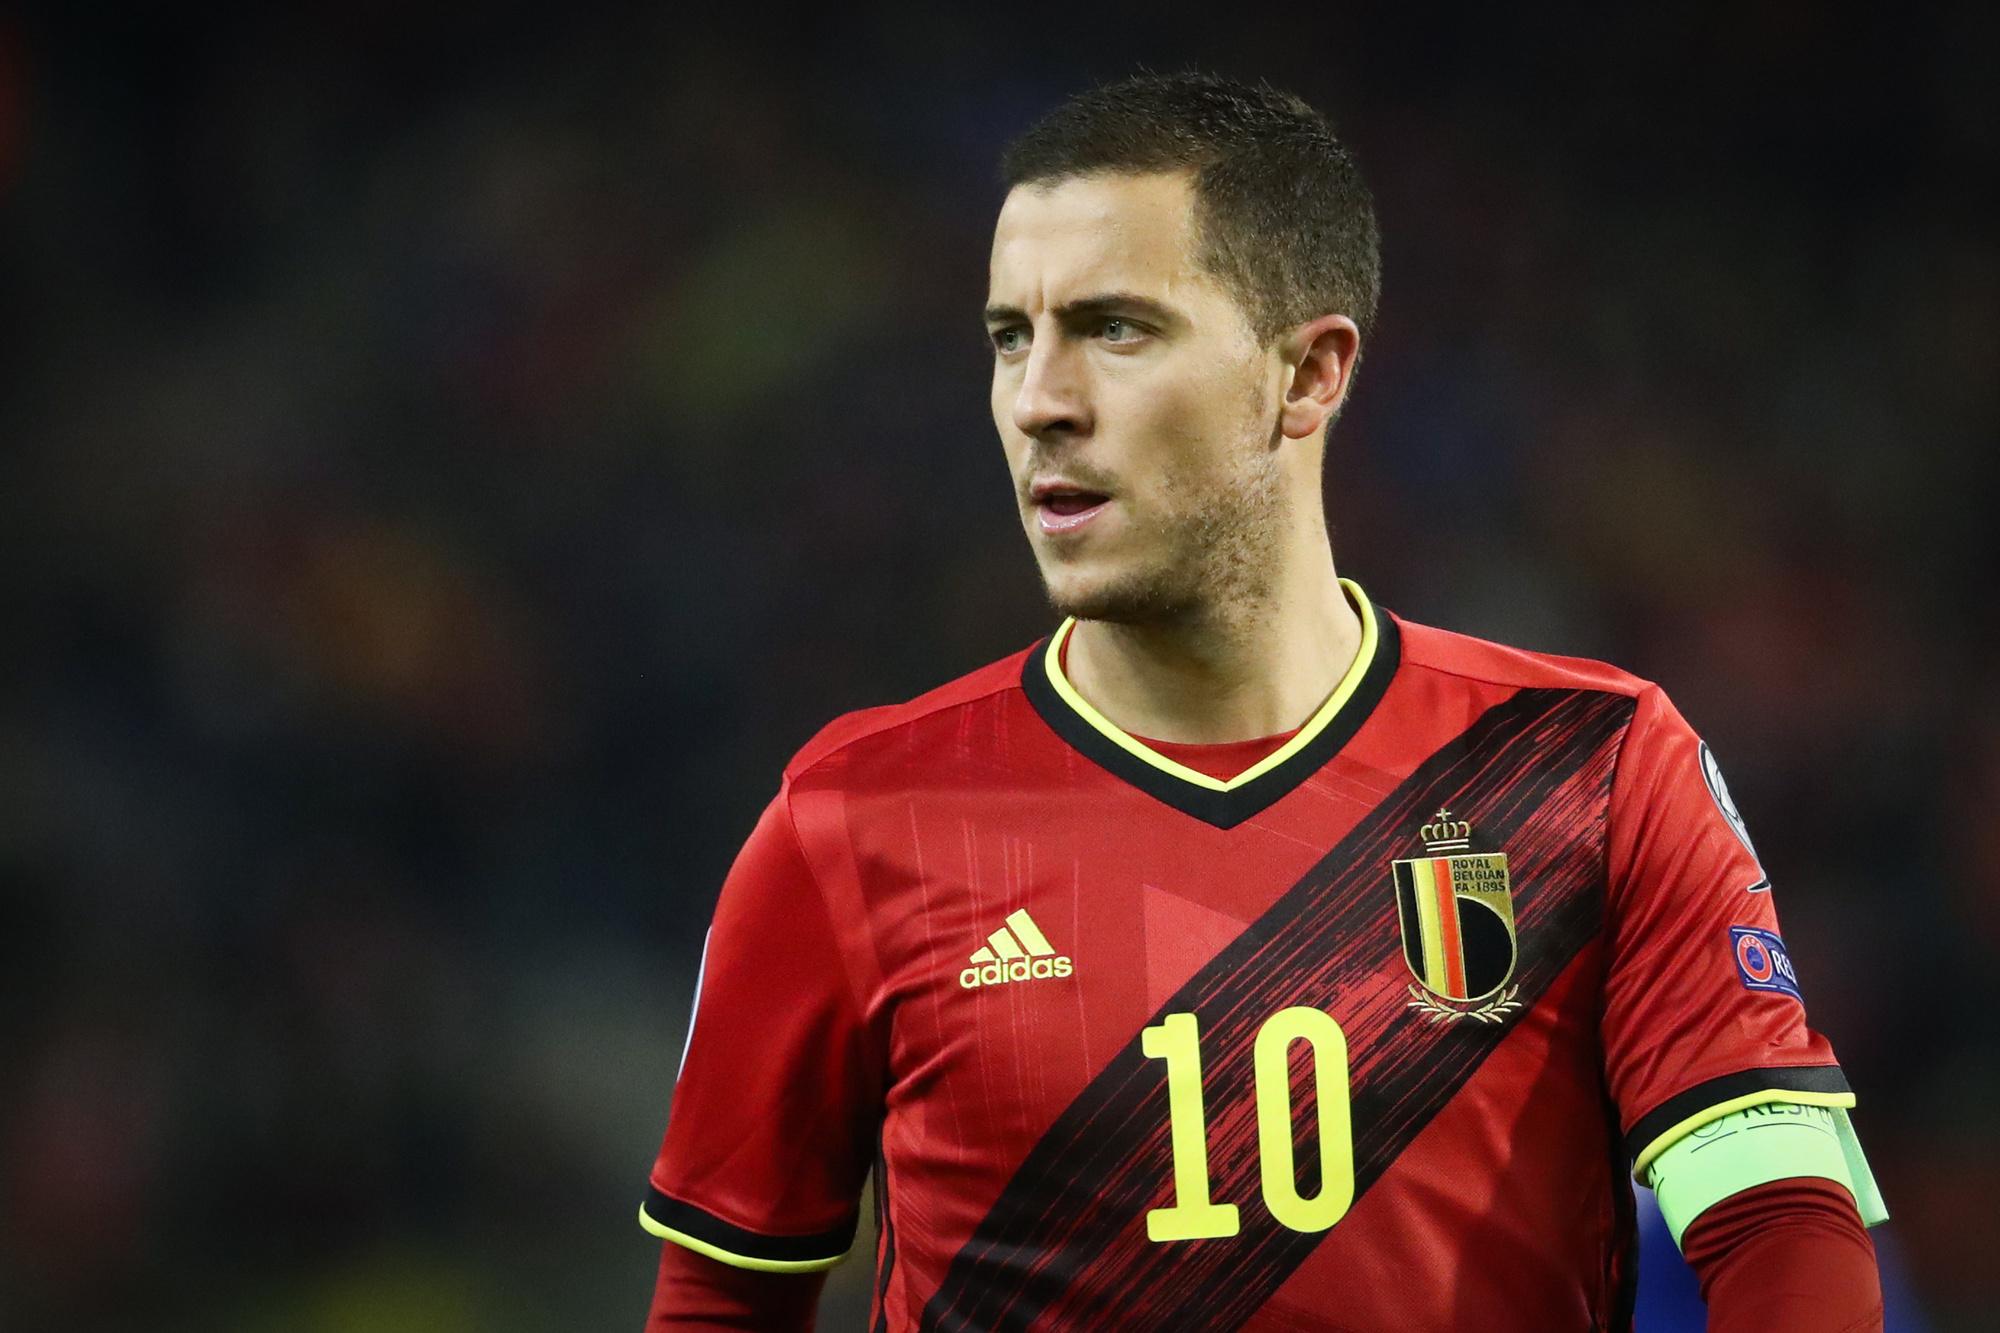 Eden Hazard moet Real Madrid kampioen maken en daarna met België de Europese titel veroveren, Belga Image